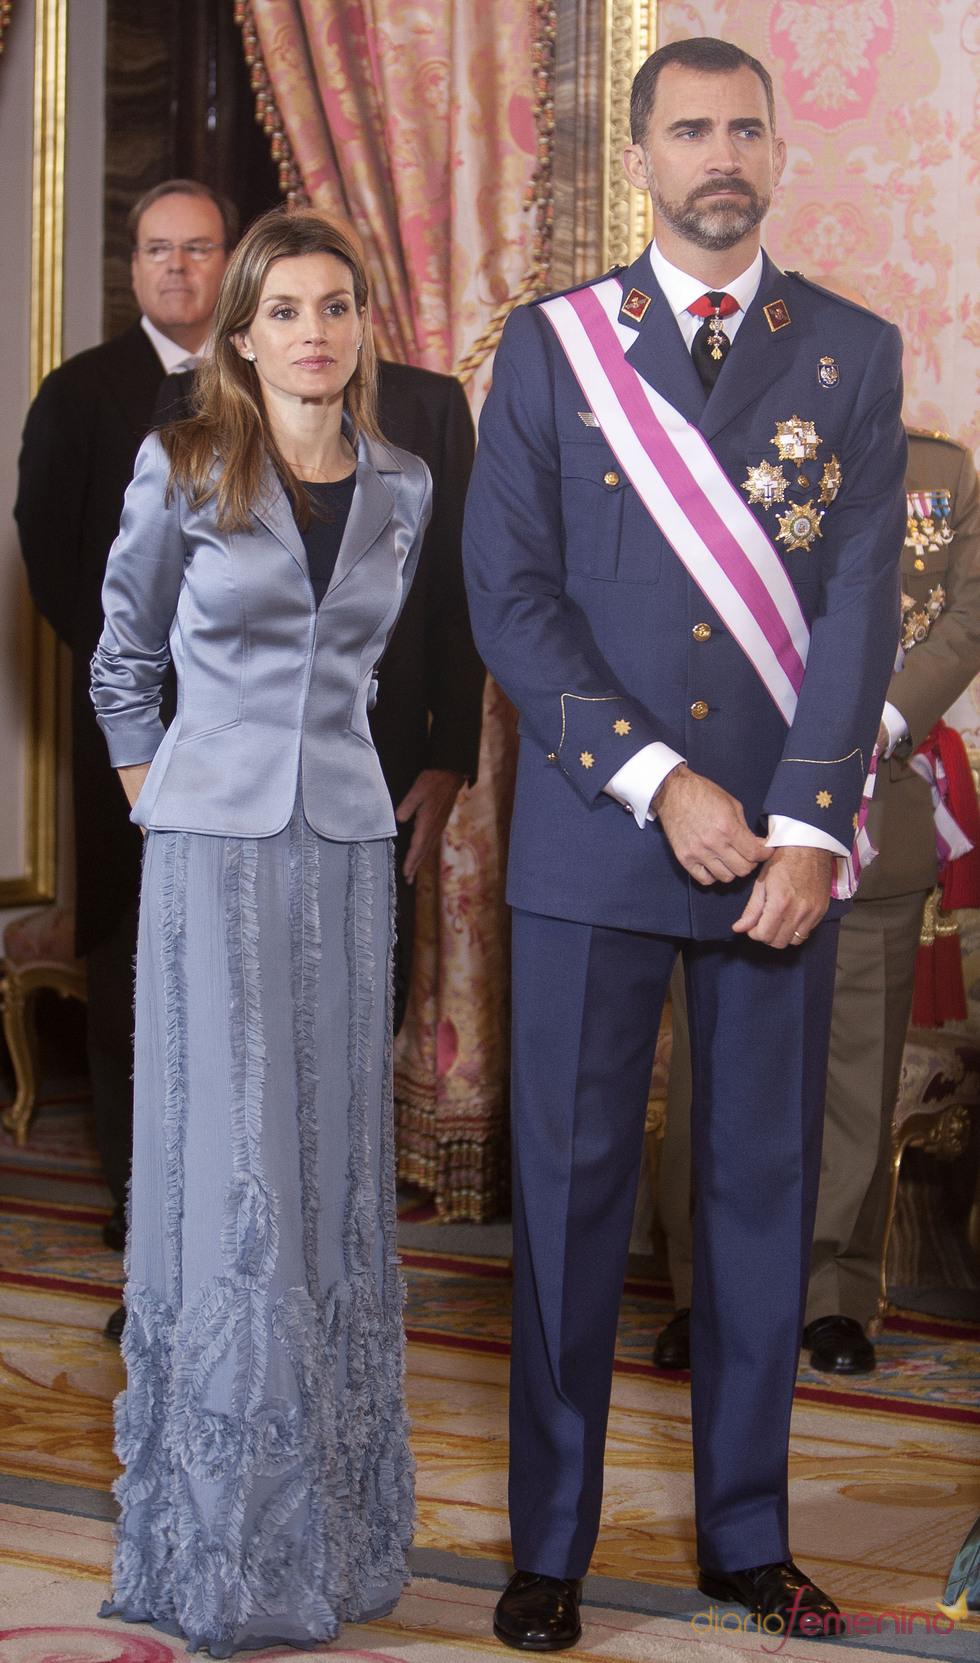 Los Príncipes de Asturias en la recepción del Palacio Real durante la Pascua Militar